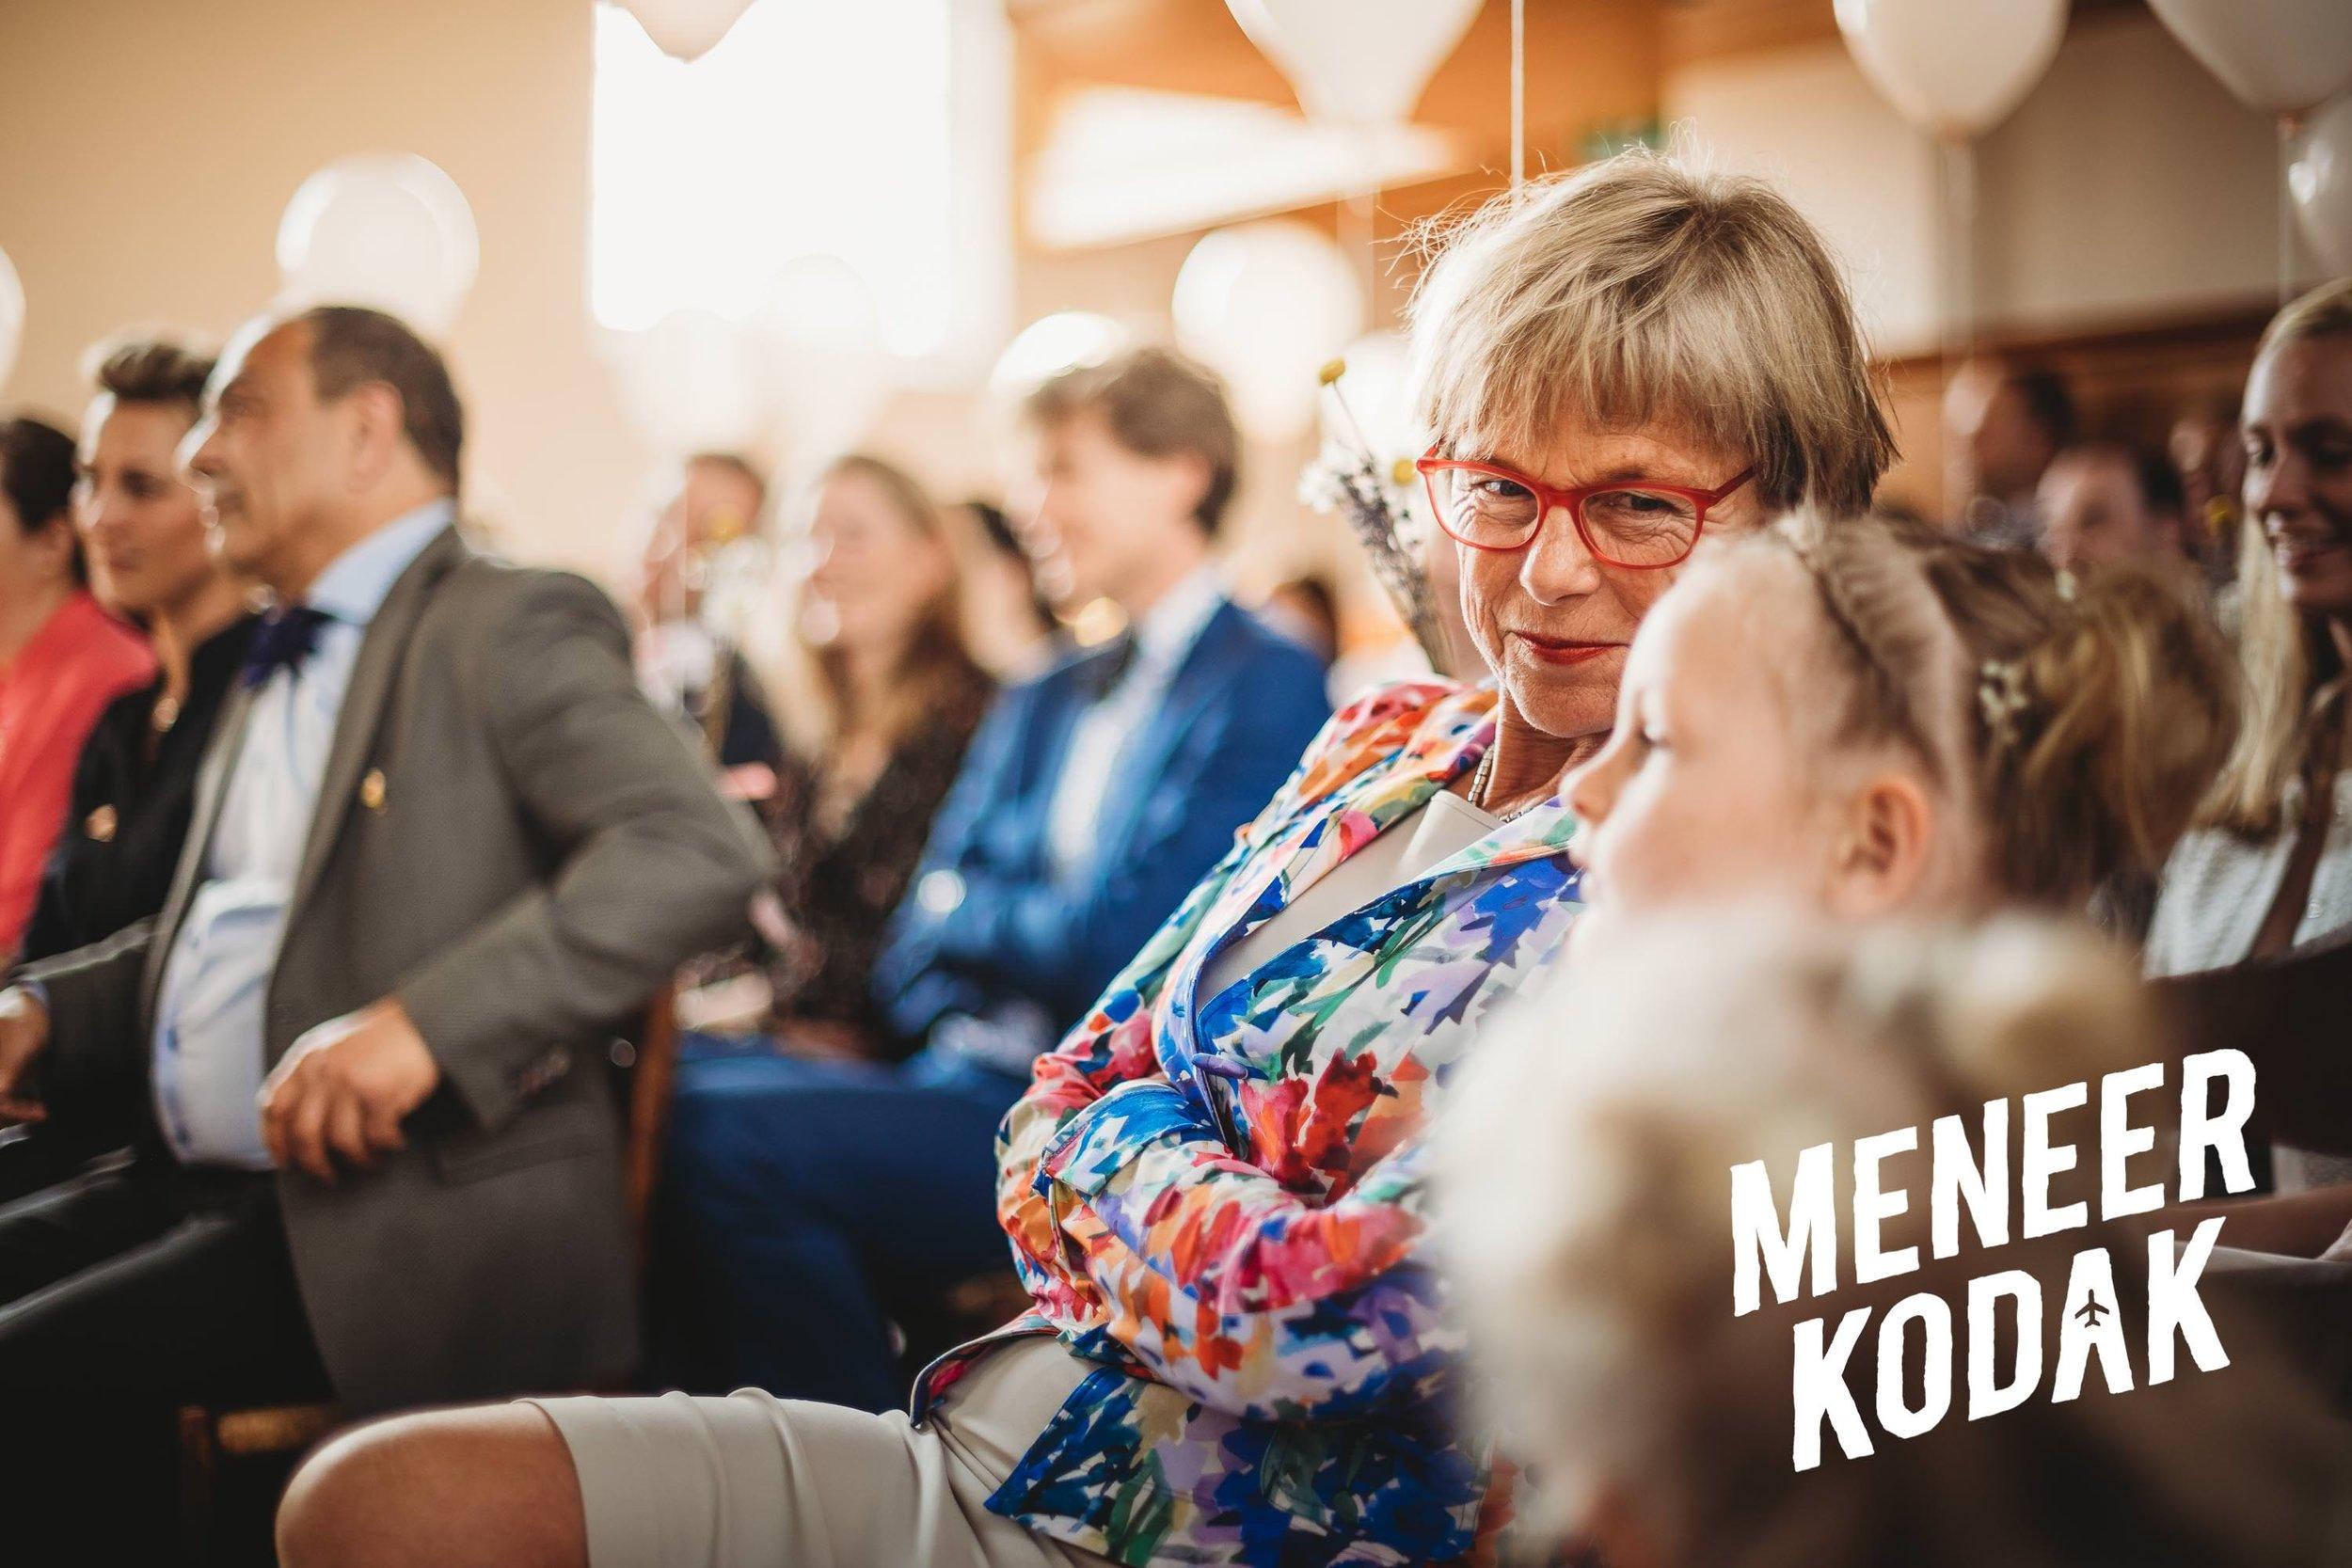 Meneer Kodak - Bruidsfotograaf - Amsterdam - M&J-039.jpg